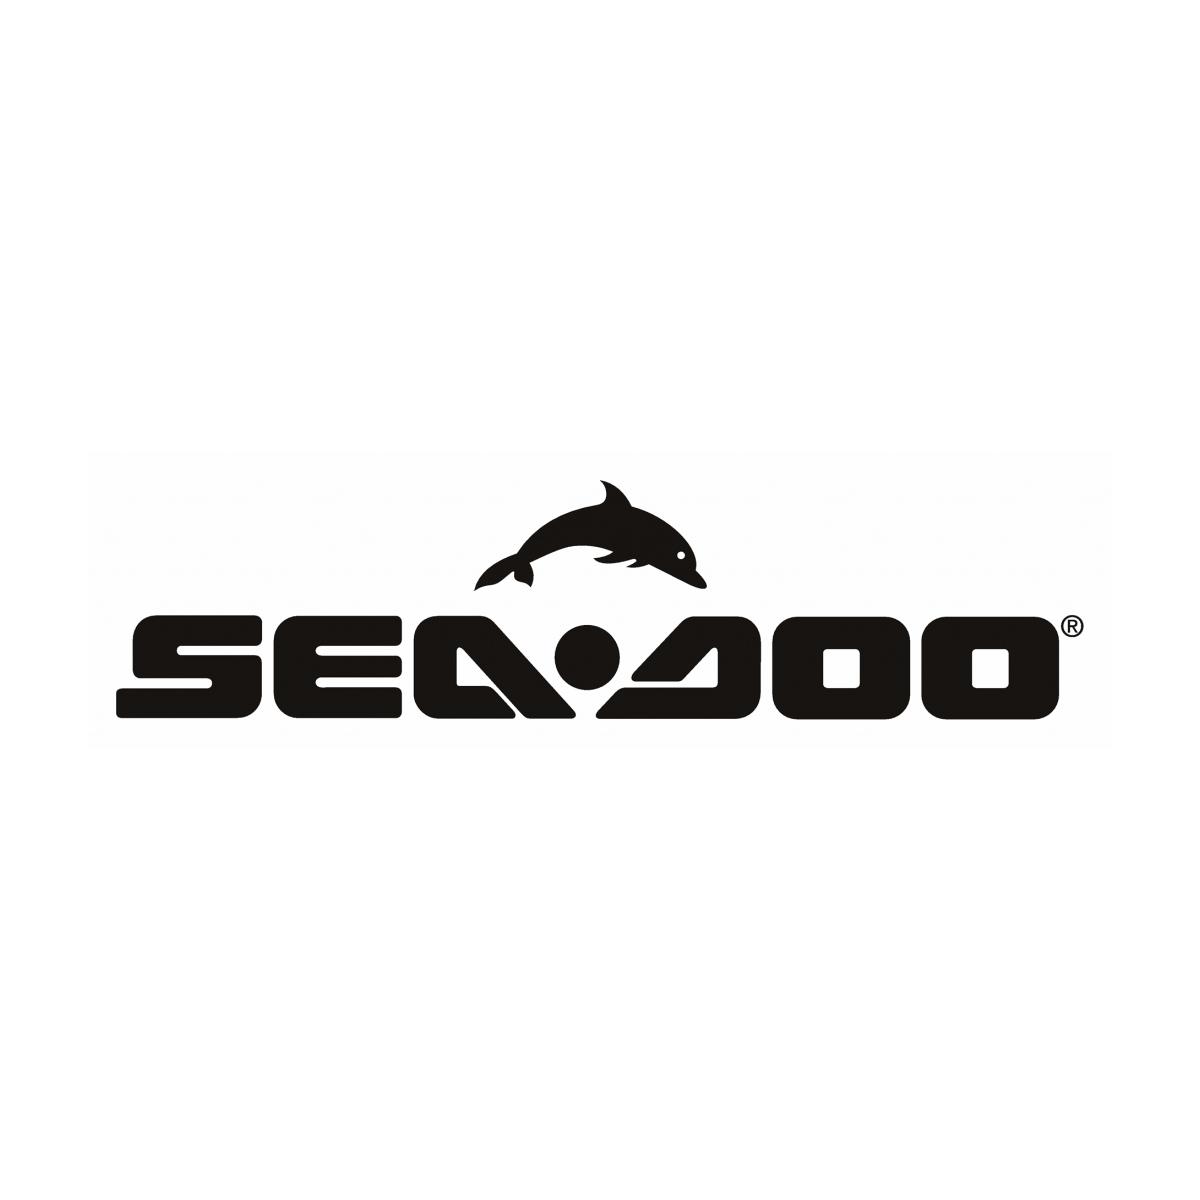 Biela para Jet Ski Sea Doo 800 CC  - Radical Peças - Peças para Jet Ski